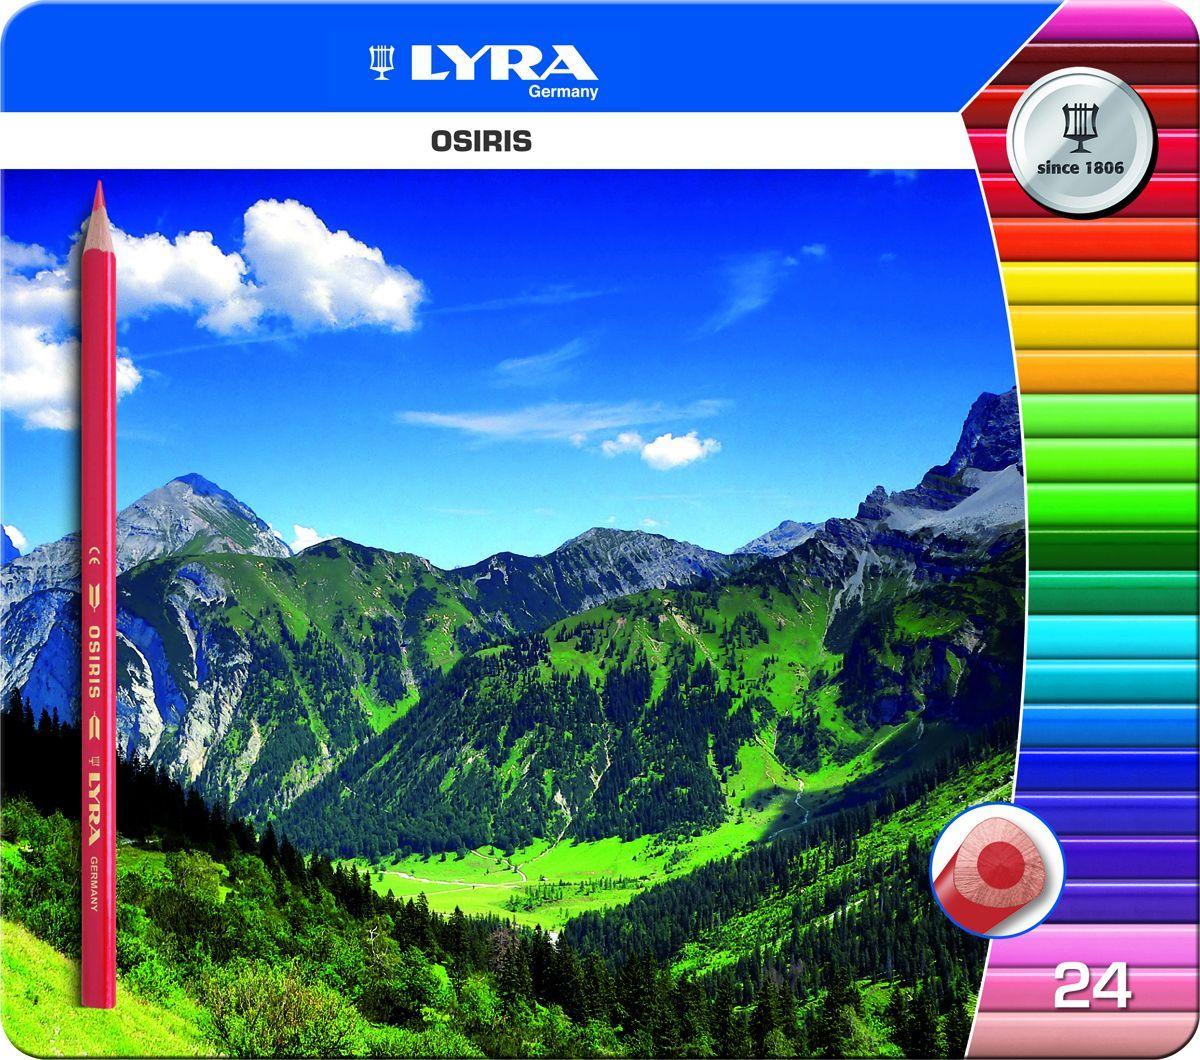 Lyra Набор цветных карандашей Osiris 24 шт72523WDНабор Lyra Osiris включает 24 цветных карандаша, выточенных из высококачественной древесины с верхним лаковым покрытием в несколько слоев.Трехгранная форма, повышенной эргономичности, способствует правильному захвату пальцами, равномерно распределяет нагрузку.Ударопрочные грифели содержат красящие пигменты высокой интенсивности, за счет чего на бумаге получаются насыщенные яркие цвета.Диаметр грифеля 2,8 мм, диаметр карандаша 7 мм.мм, диаметр карандаша 7 мм.